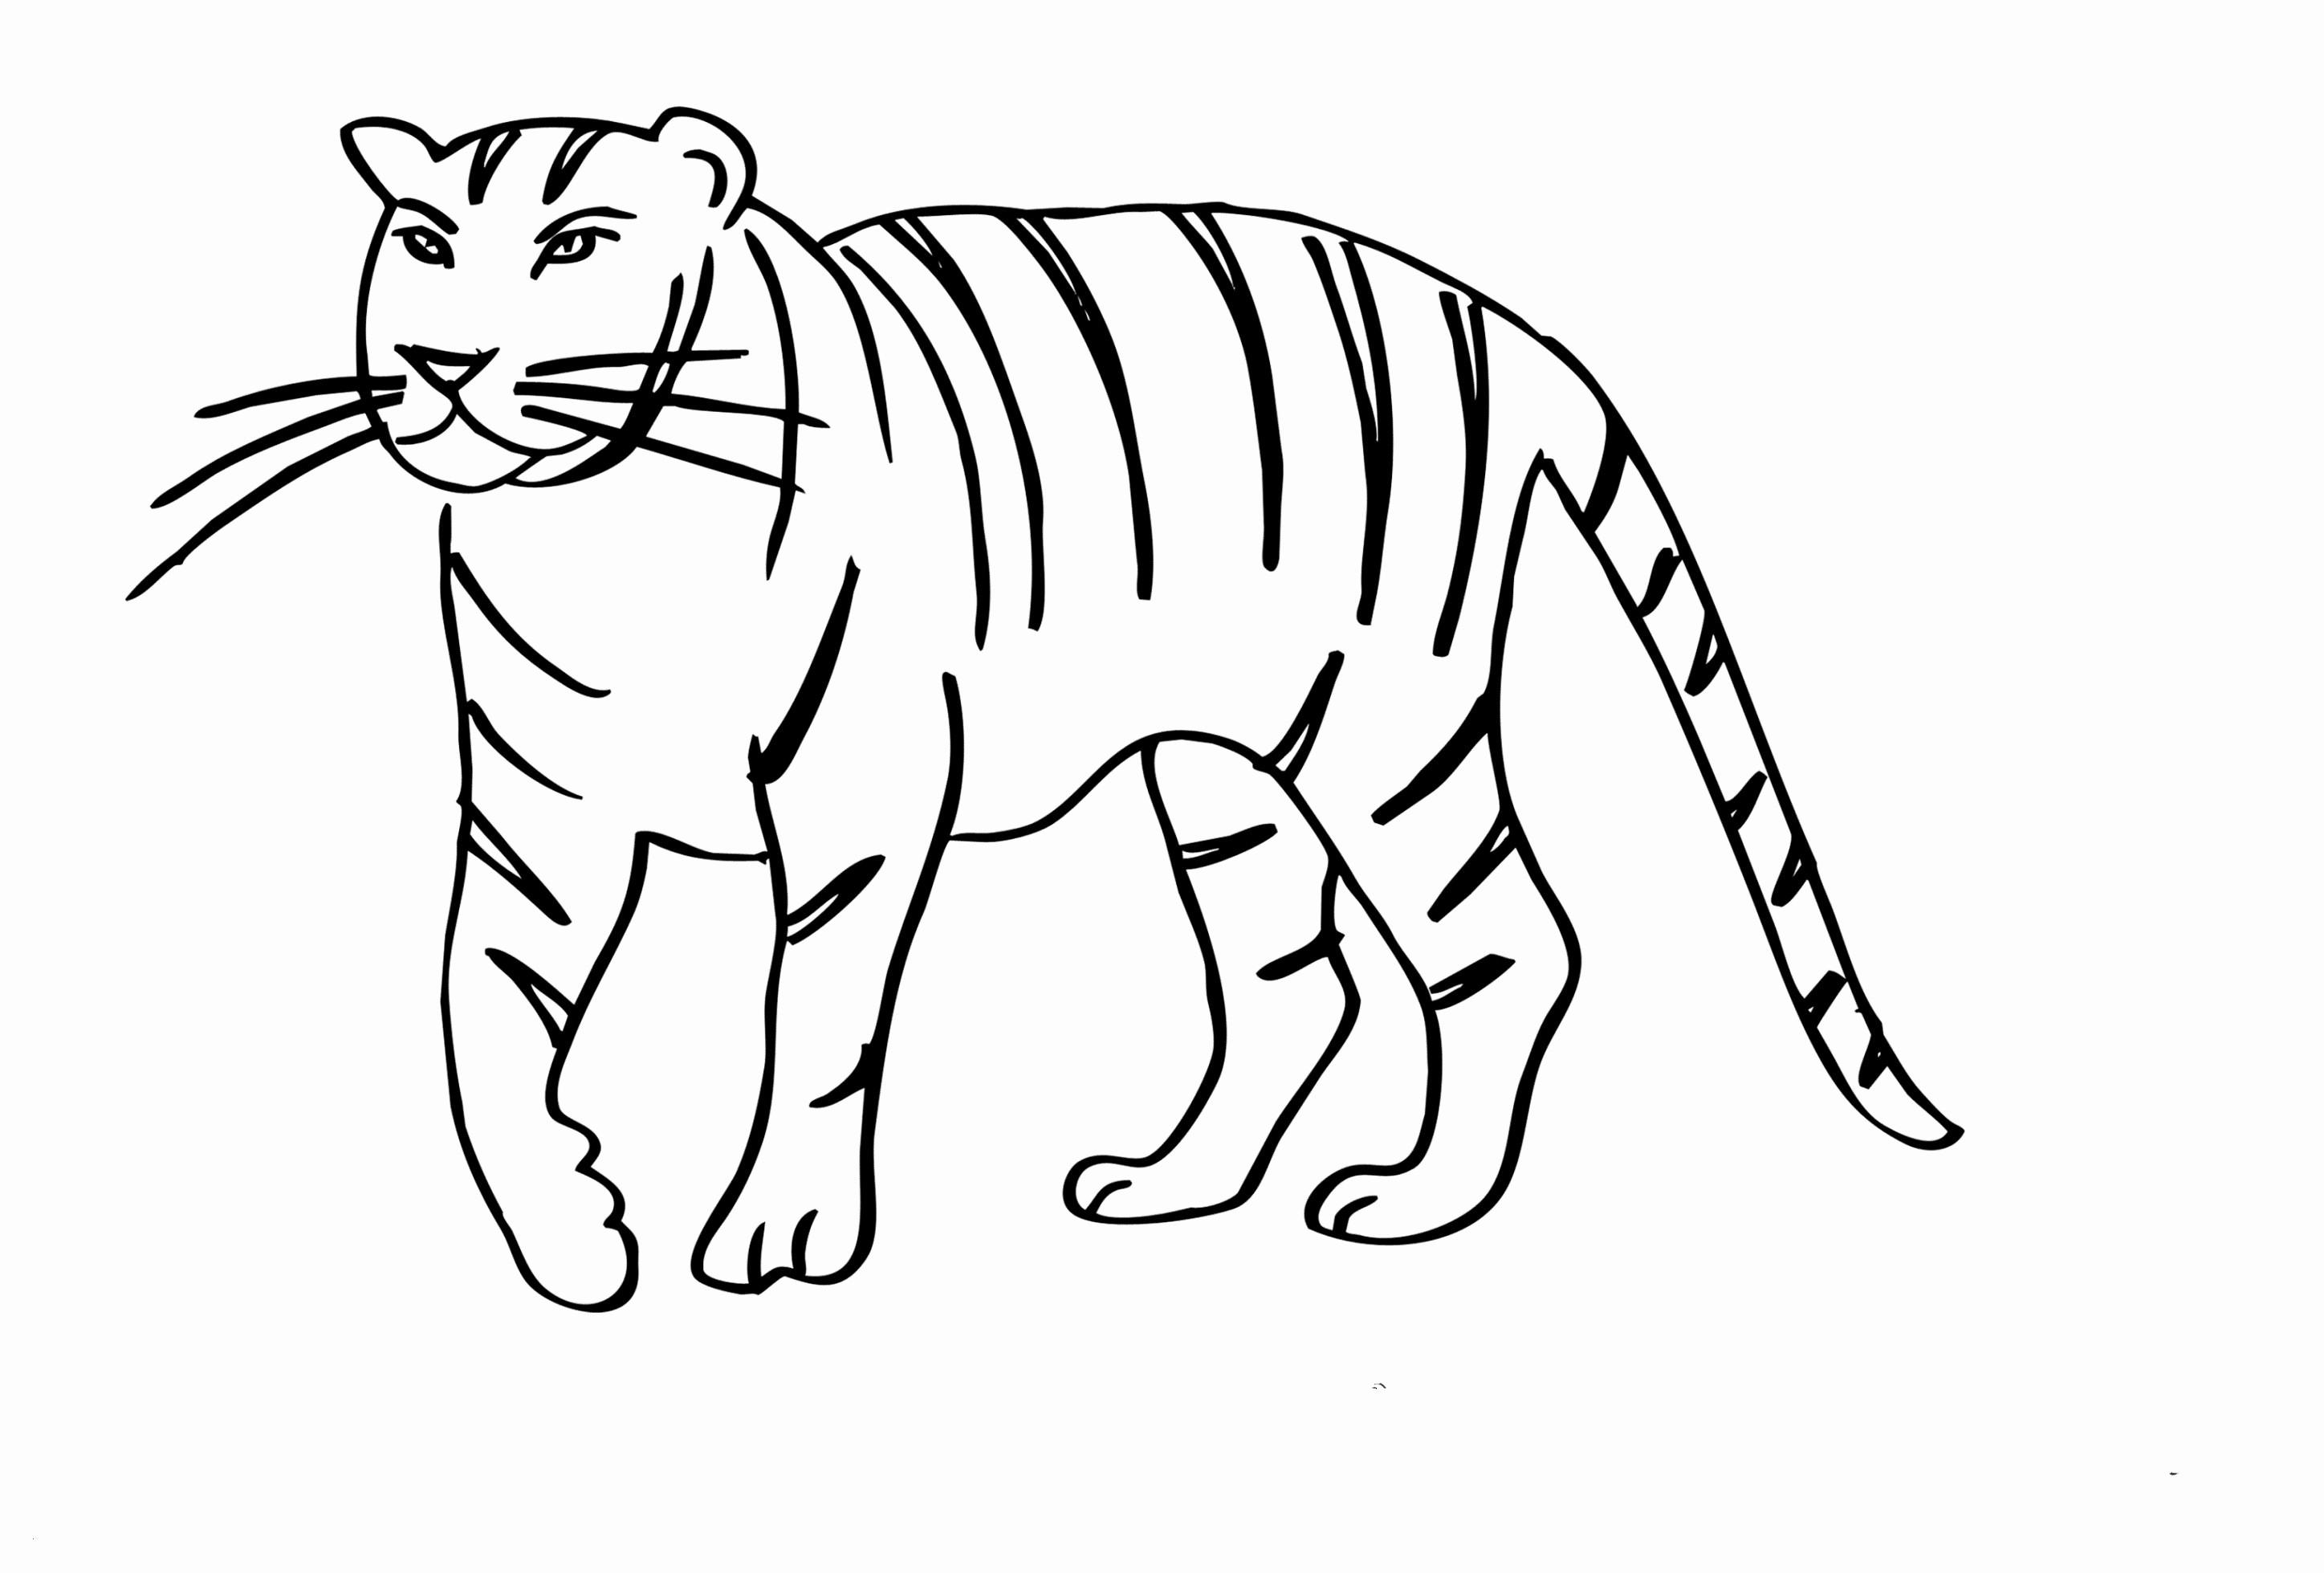 Emojis Zum Ausmalen Einzigartig Emojis Zum Ausmalen Neueste Modelle 38 Malvorlagen Tiger Stock